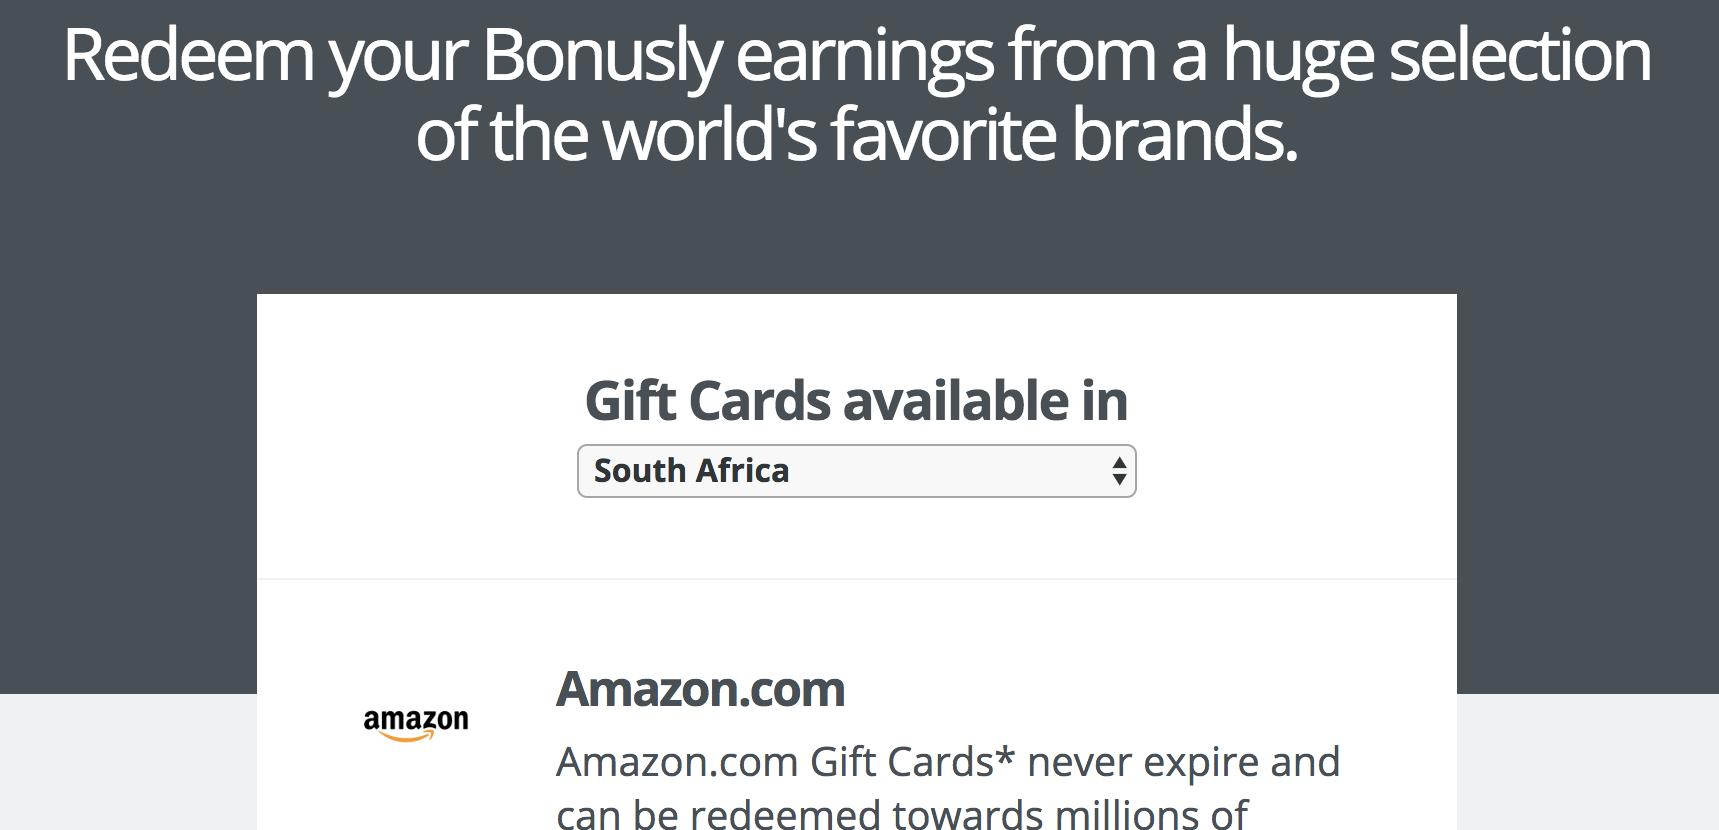 rewards-catalog-south-africa